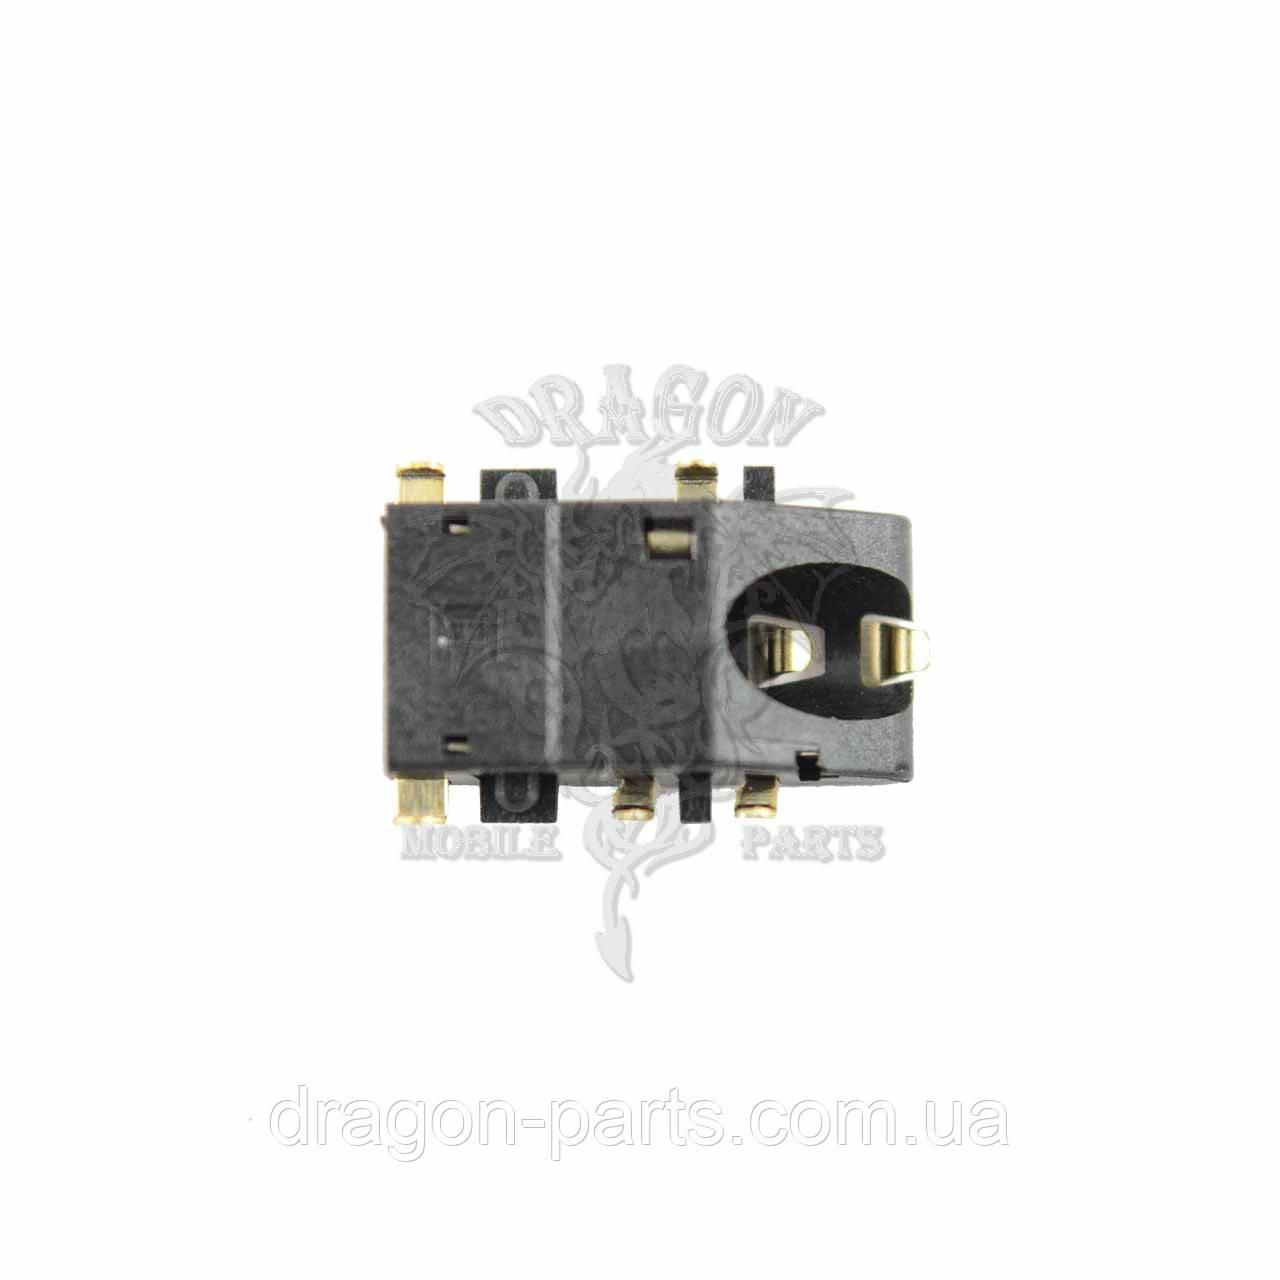 Разъем коннектор гарнитуры Nomi Ultra 3 LTE C101030, оригинал